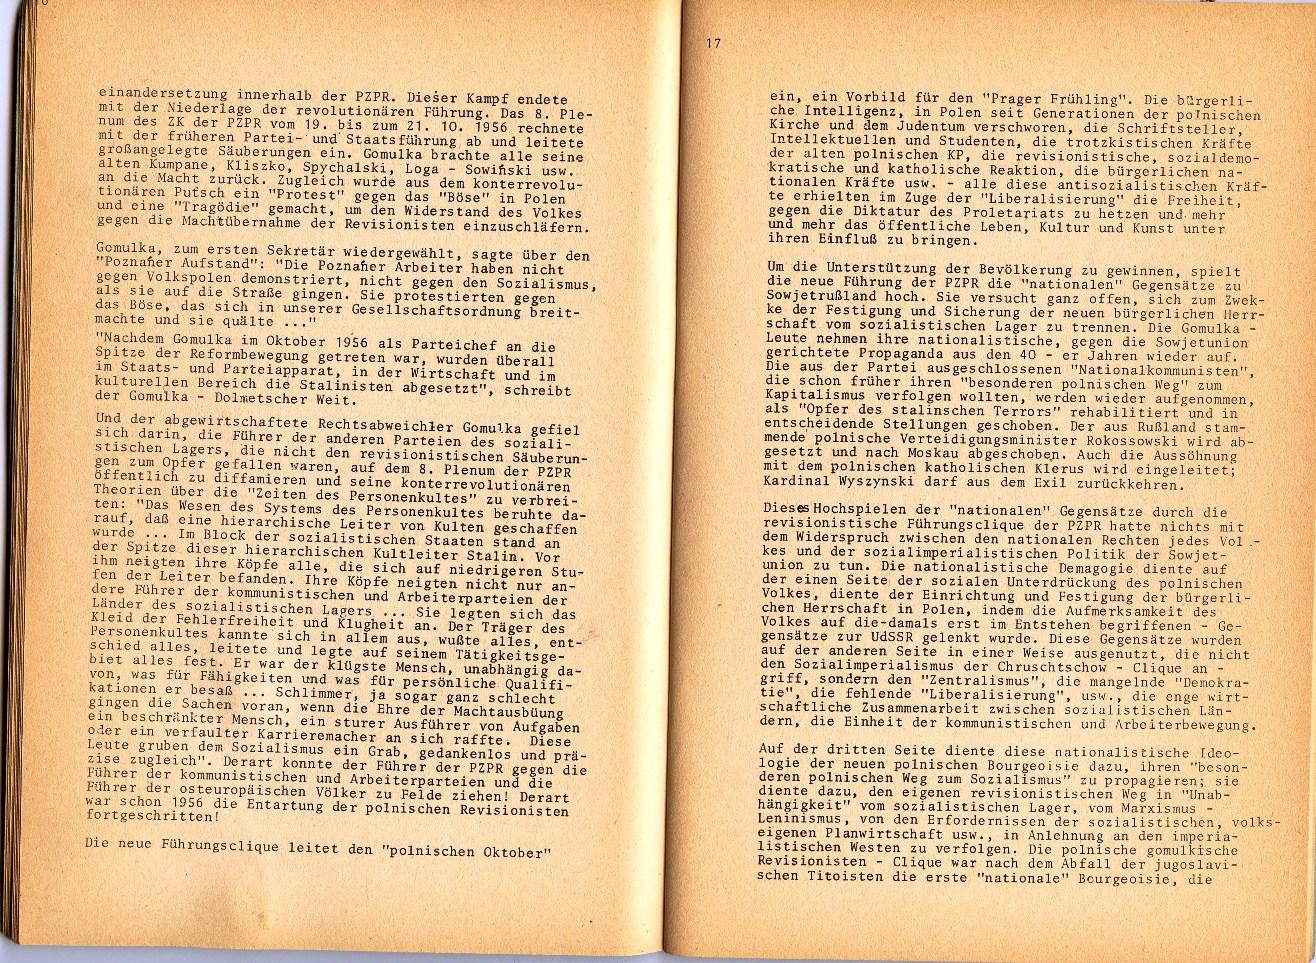 ZB_Polen_Aufstand_1971_12